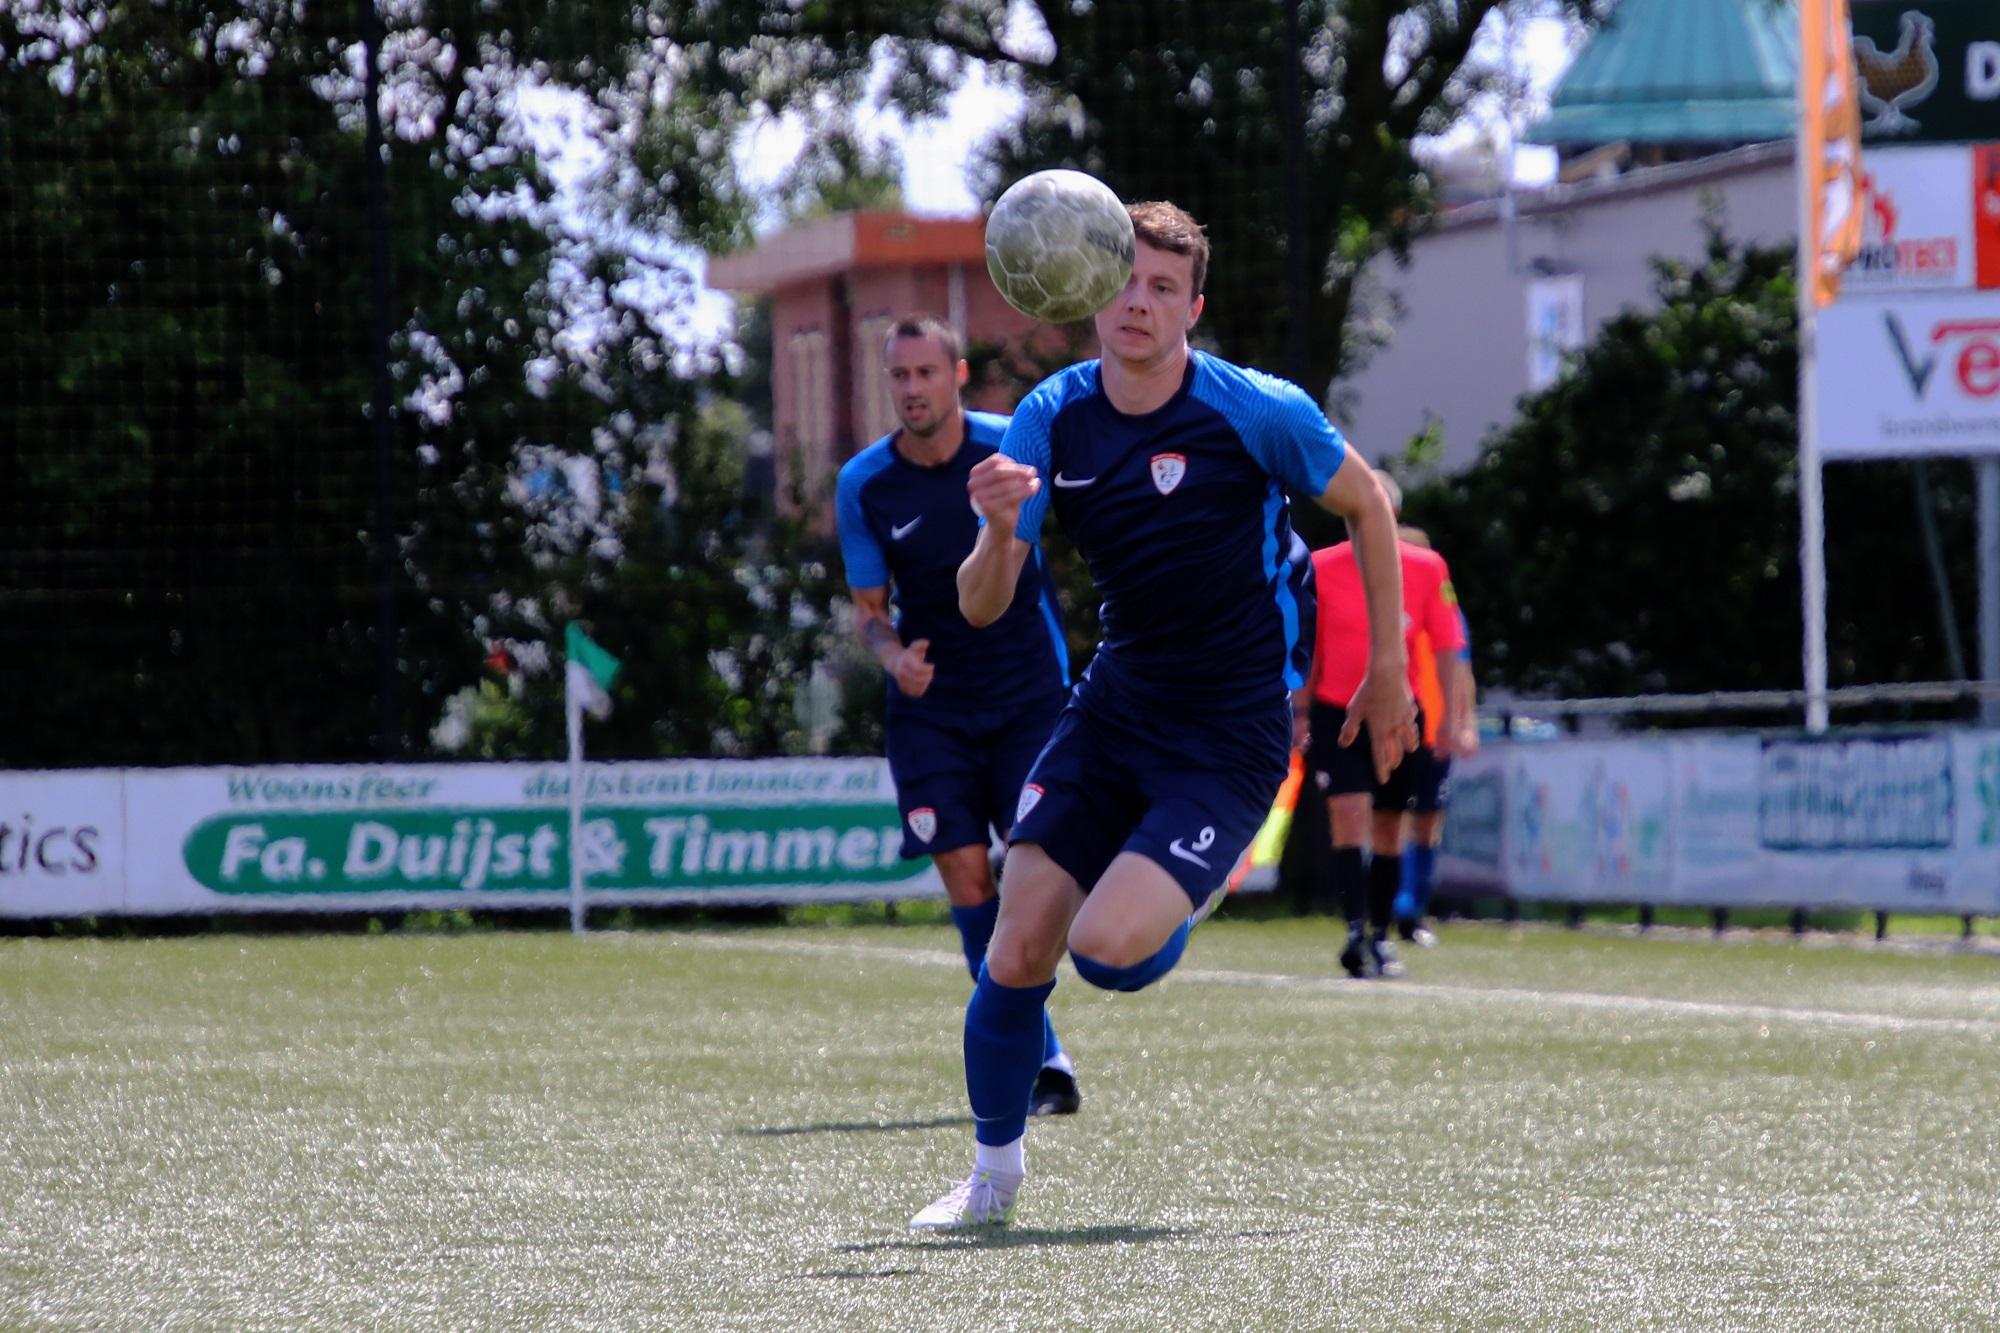 Mark van der Weijden (Sportlust '46)vs Eemdijk